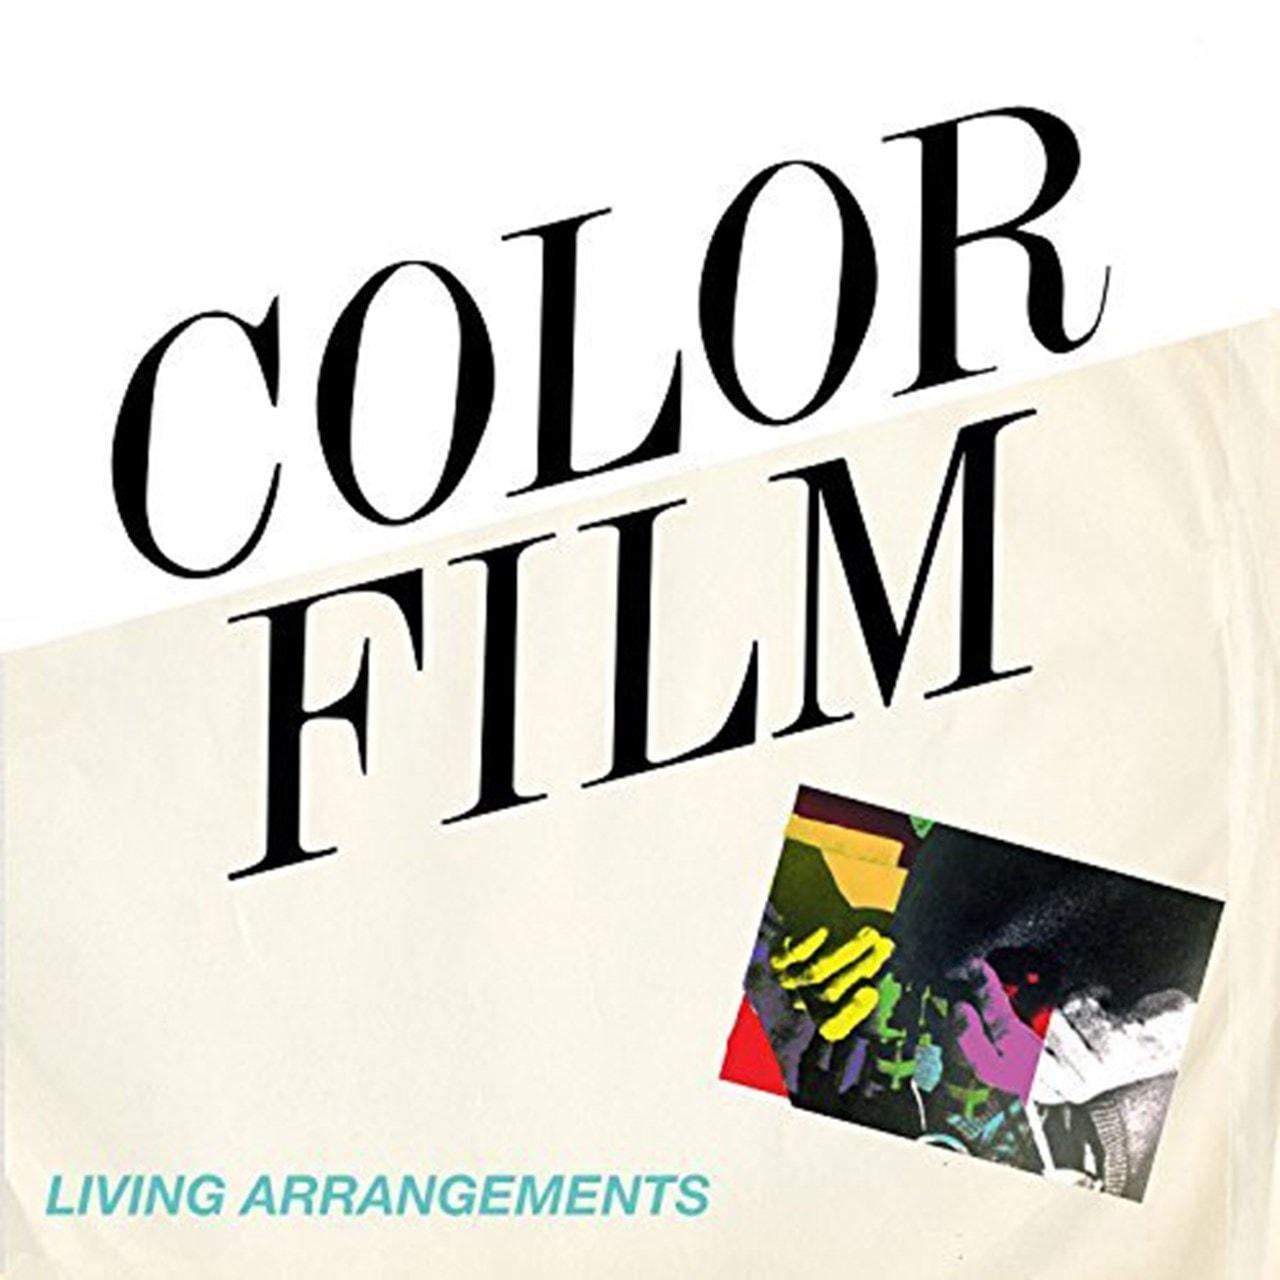 Living Arrangements - 1